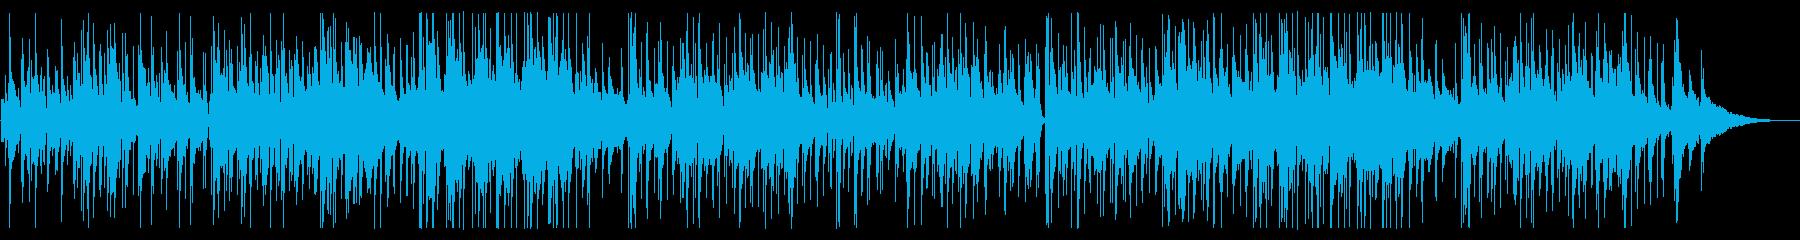 懐かしいピアノフュージョンの再生済みの波形